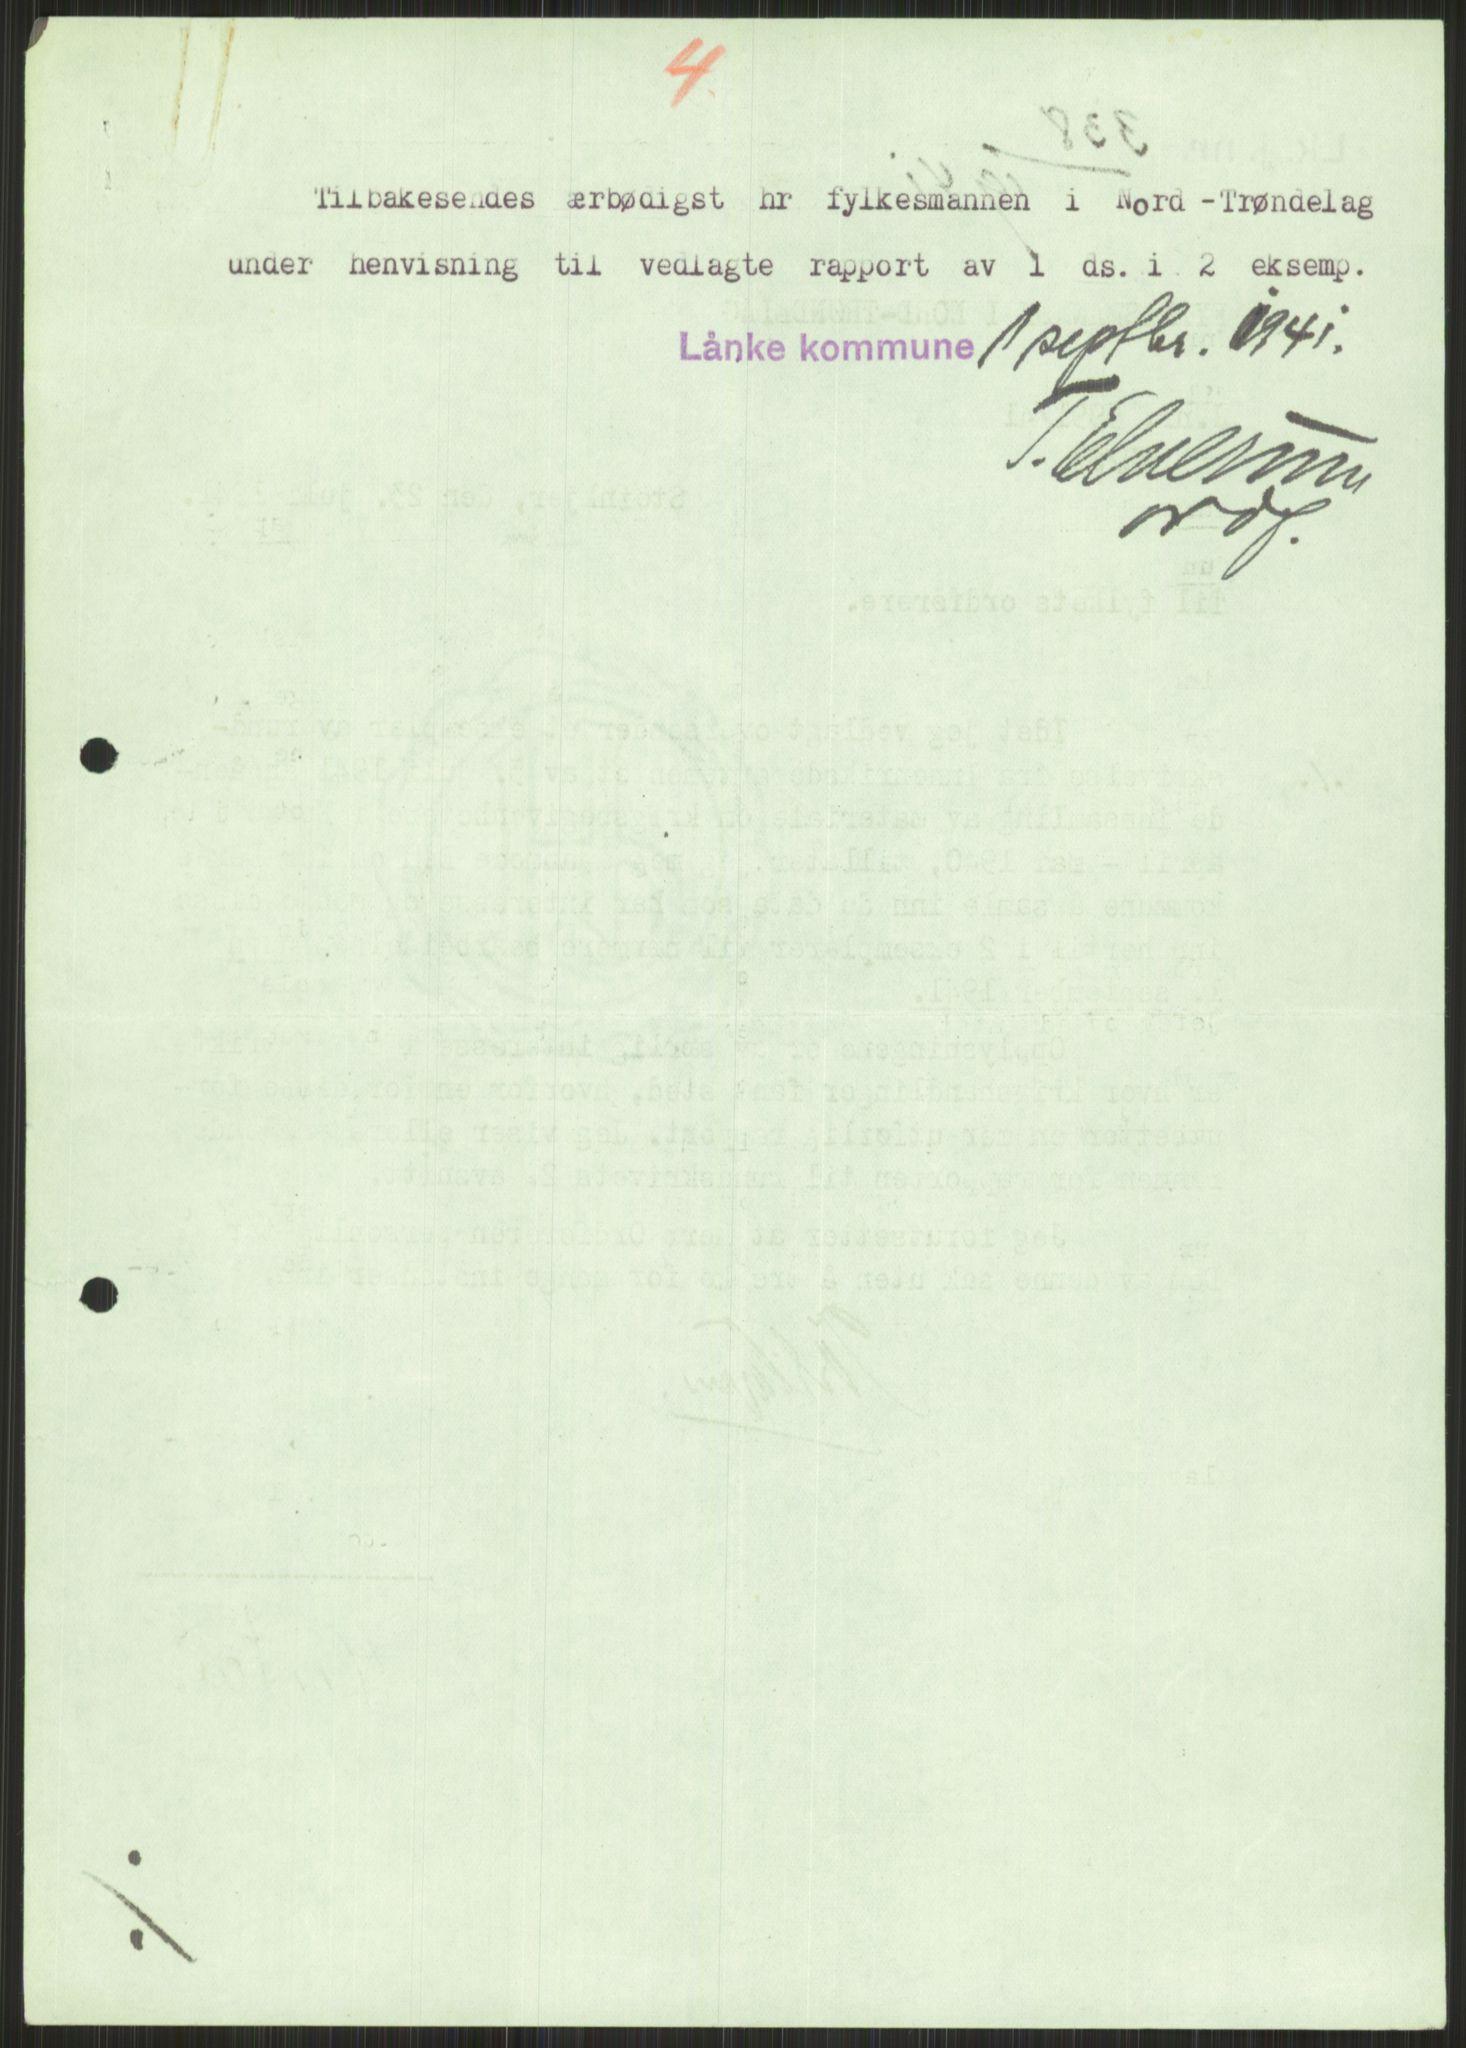 RA, Forsvaret, Forsvarets krigshistoriske avdeling, Y/Ya/L0016: II-C-11-31 - Fylkesmenn.  Rapporter om krigsbegivenhetene 1940., 1940, s. 499